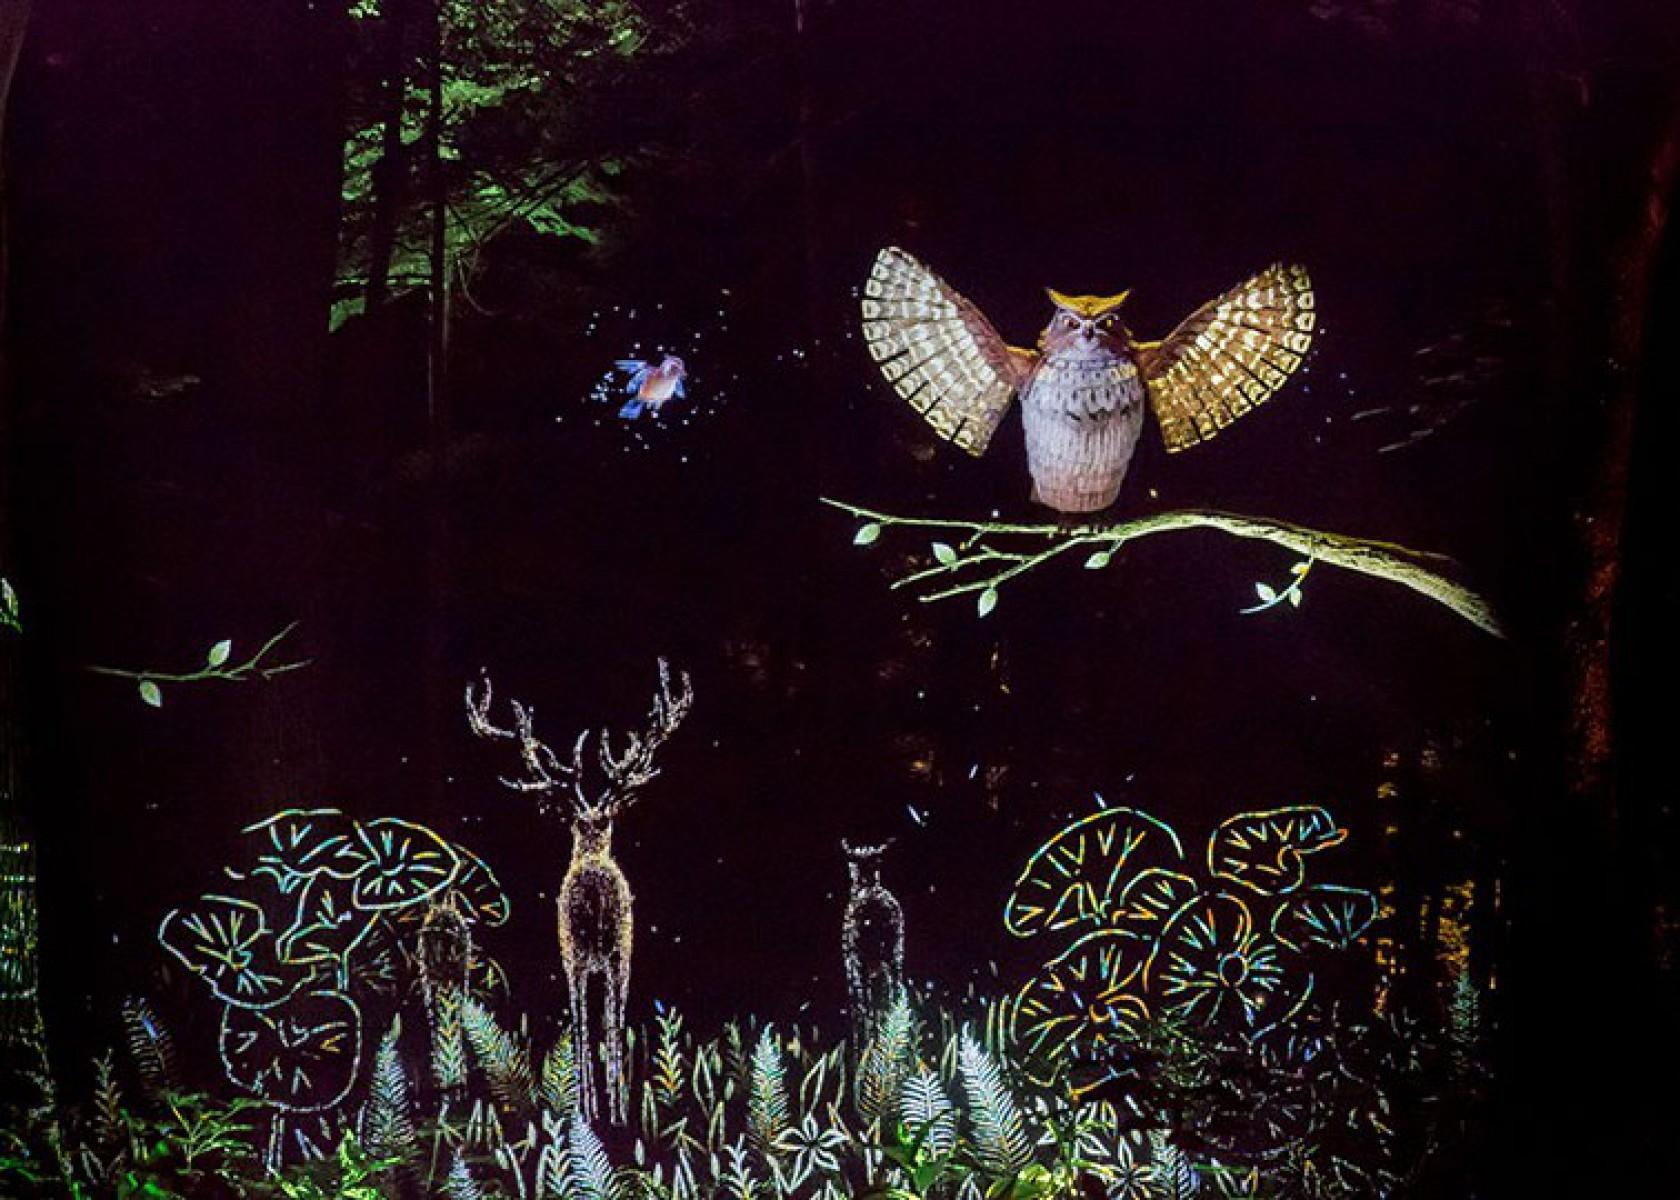 KAMUY LUMINA(カムイルミナ)- 阿寒湖の森ナイトウォーク